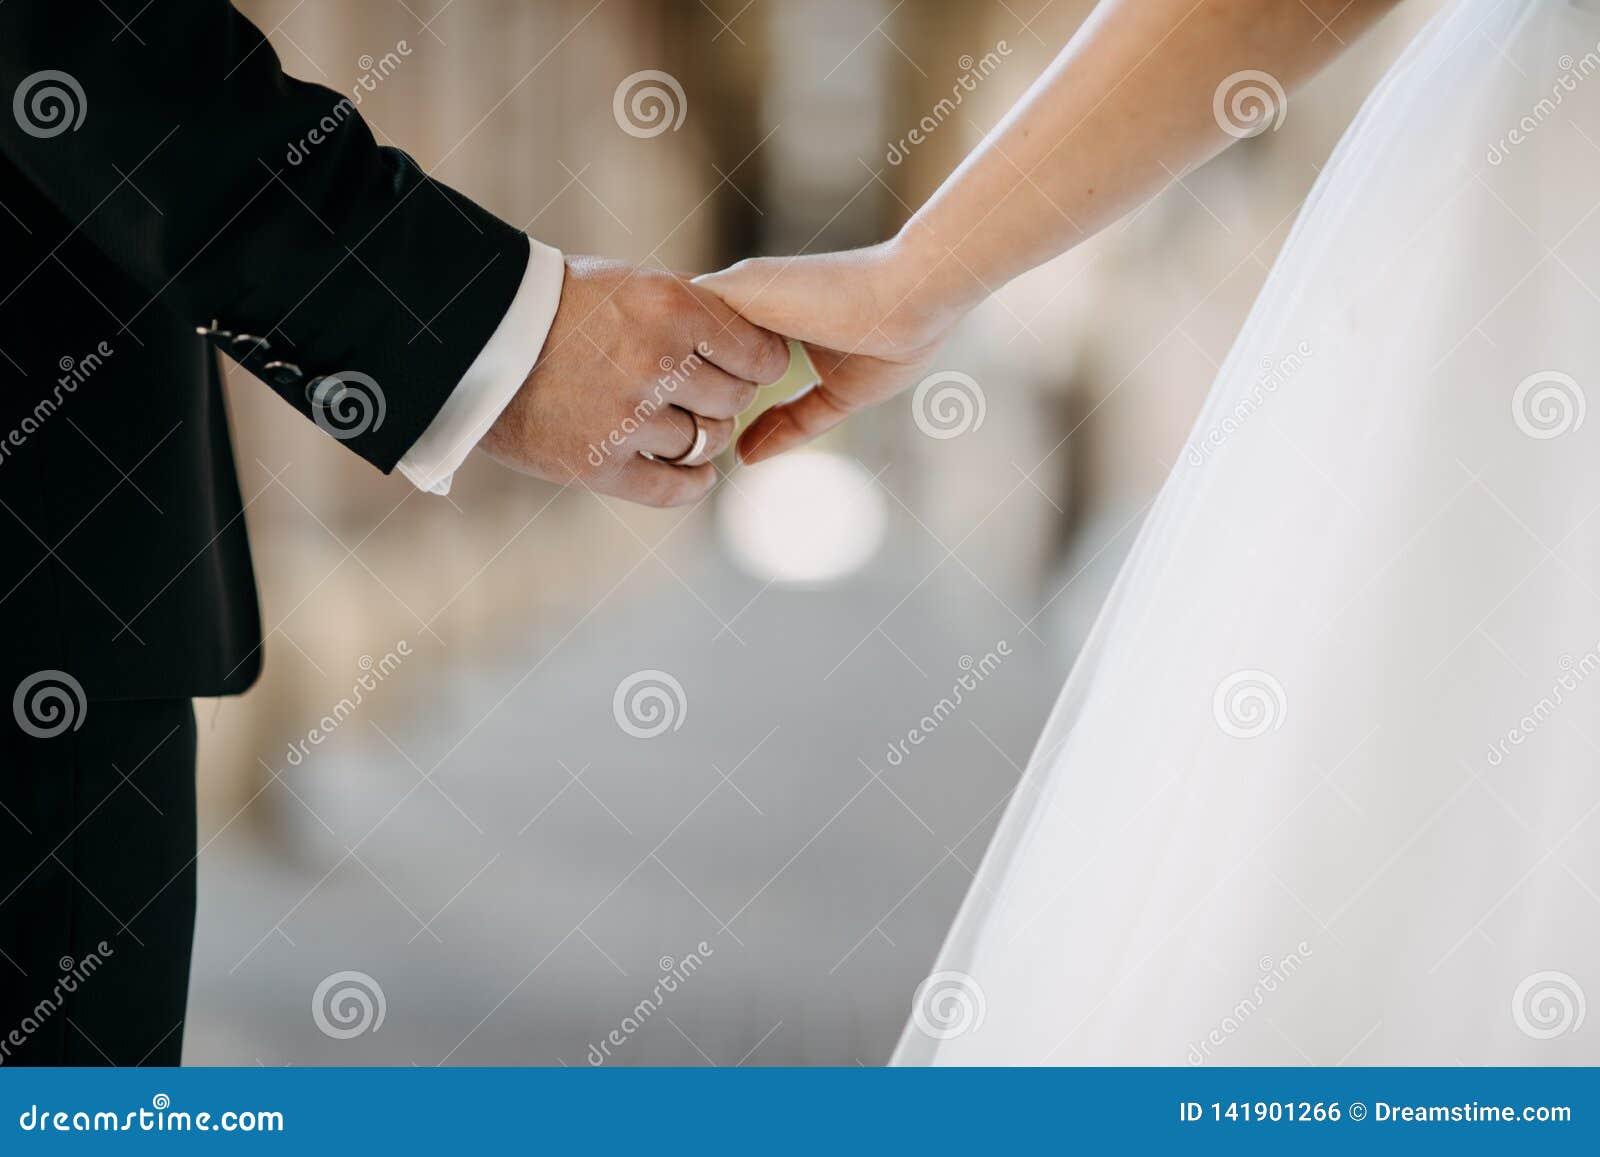 握新娘的手的新郎,当走时